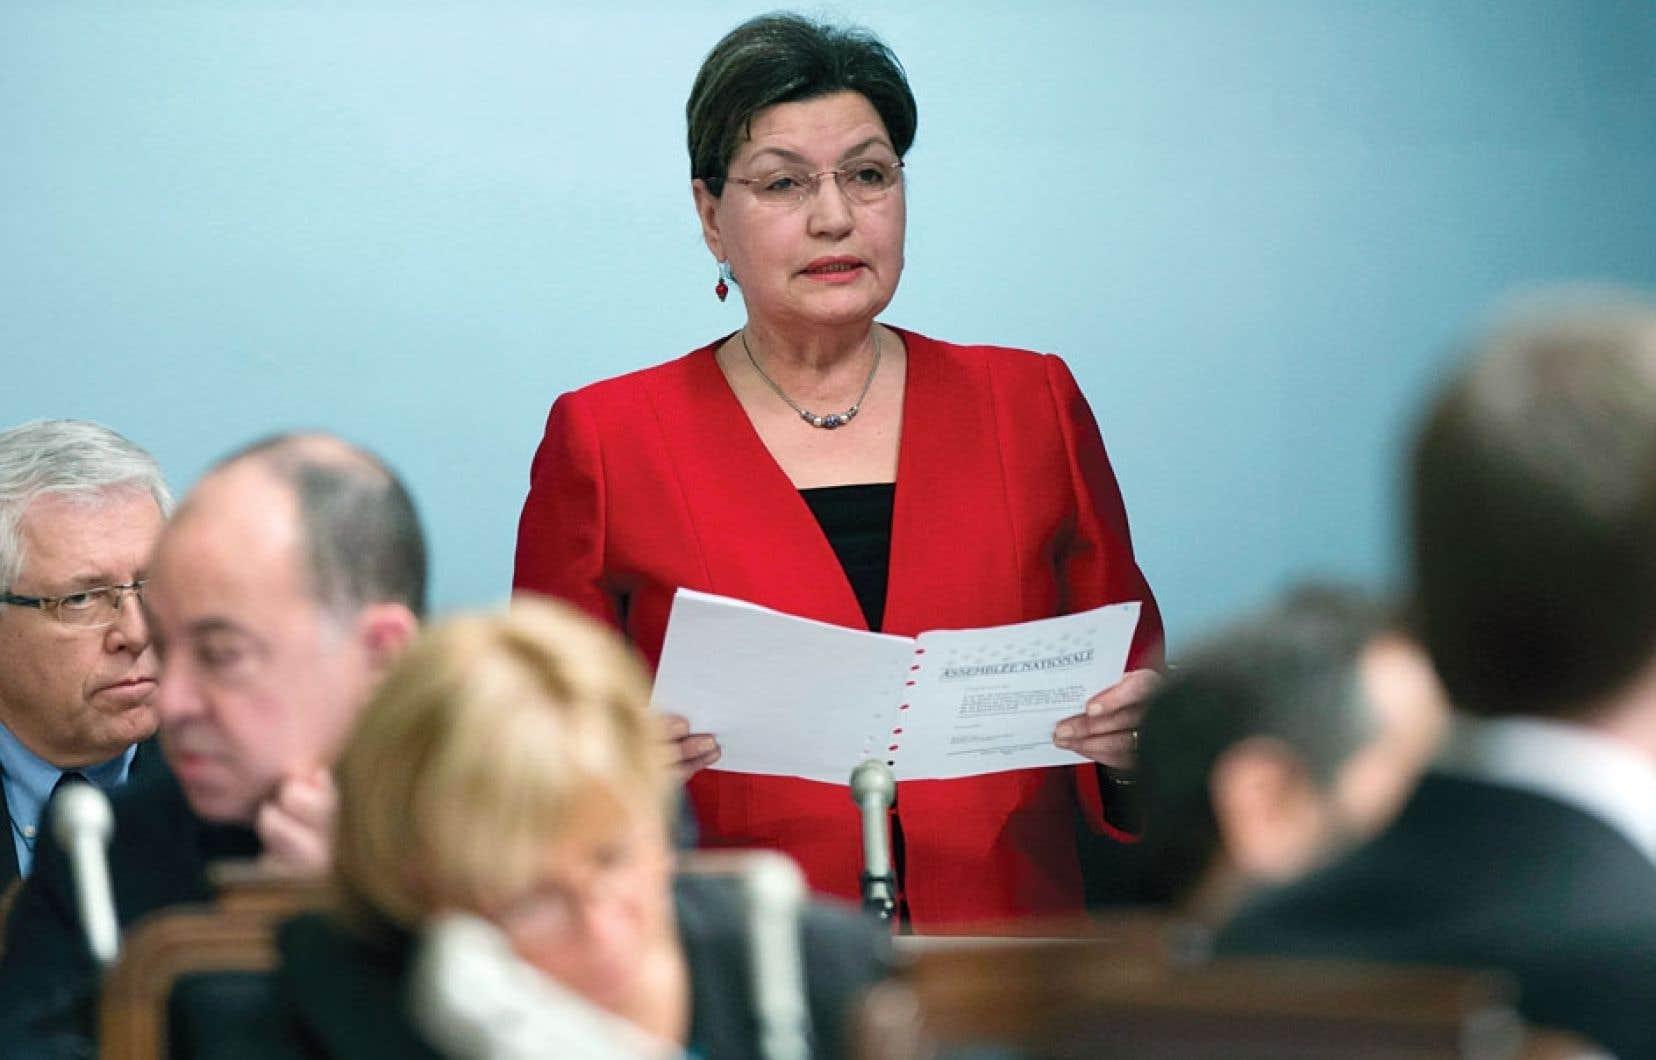 La députée indépendante de La Pinière, Fatima Houda-Pepin, a présenté son propre projet de loi sur la neutralité religieuse mercredi. Au cours d'un point de presse émotif, elle a mené une charge contre son ancien parti, le Parti libéral du Québec.